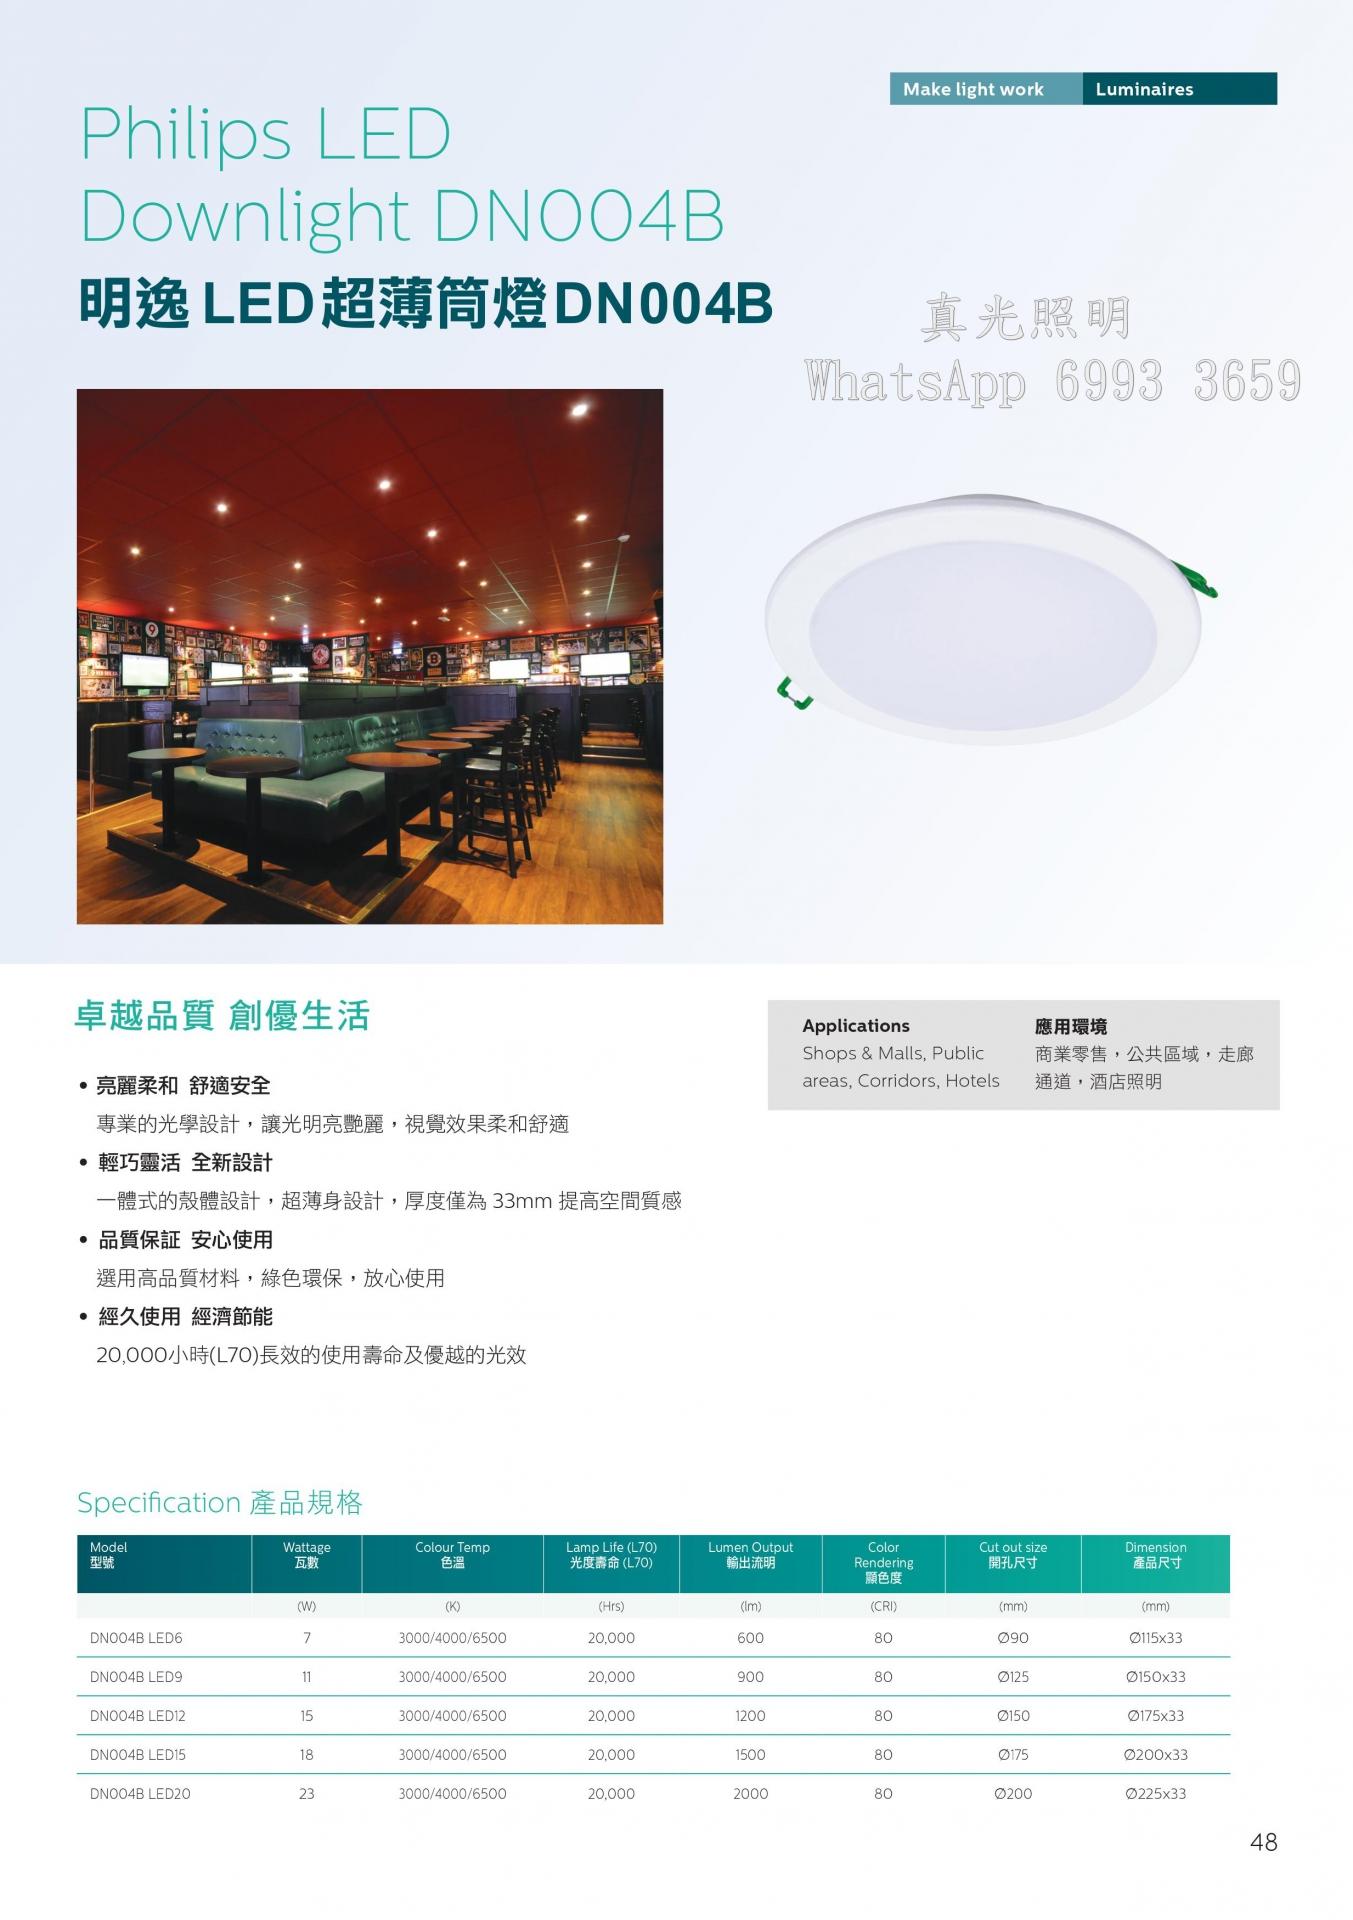 飛利浦照明產品目錄PHILIPS Lighting Catalogue | 真光照明發展公司True